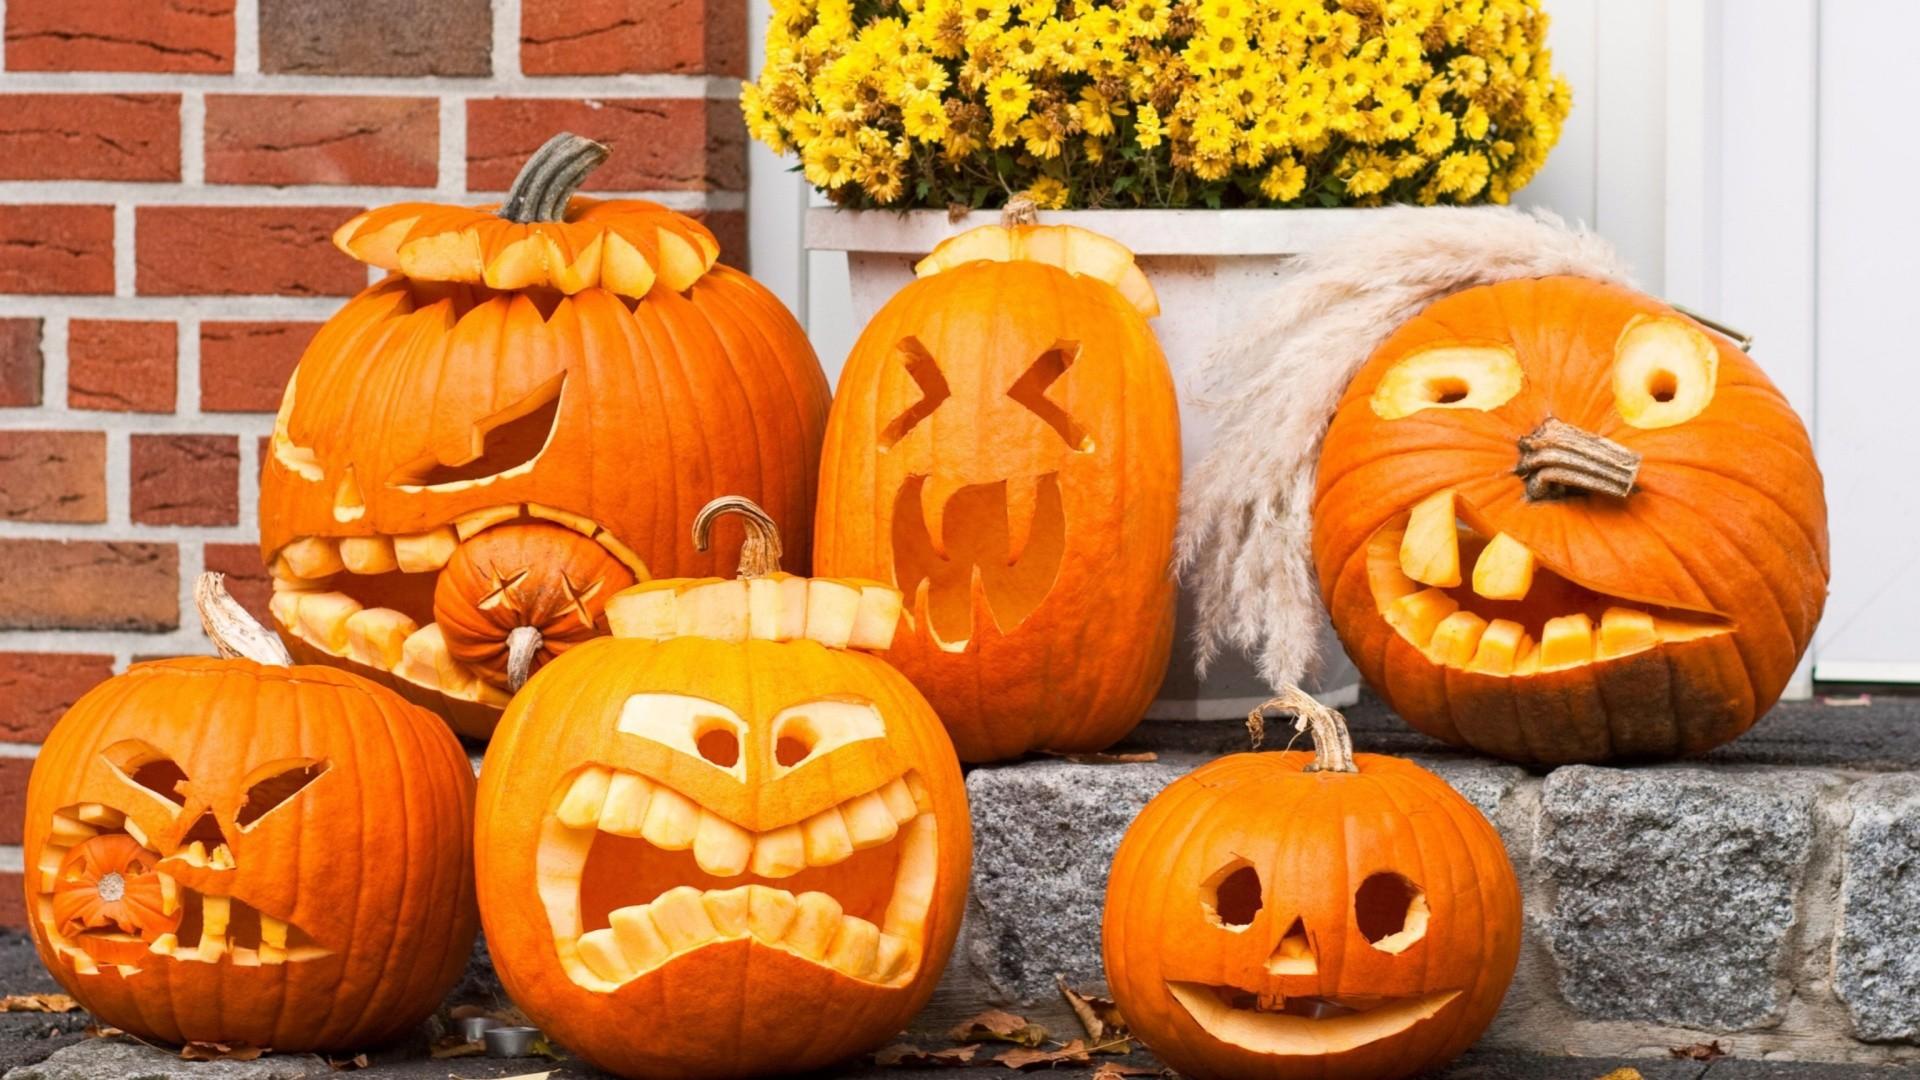 free Halloween Pumpkin wallpaper screensaver .